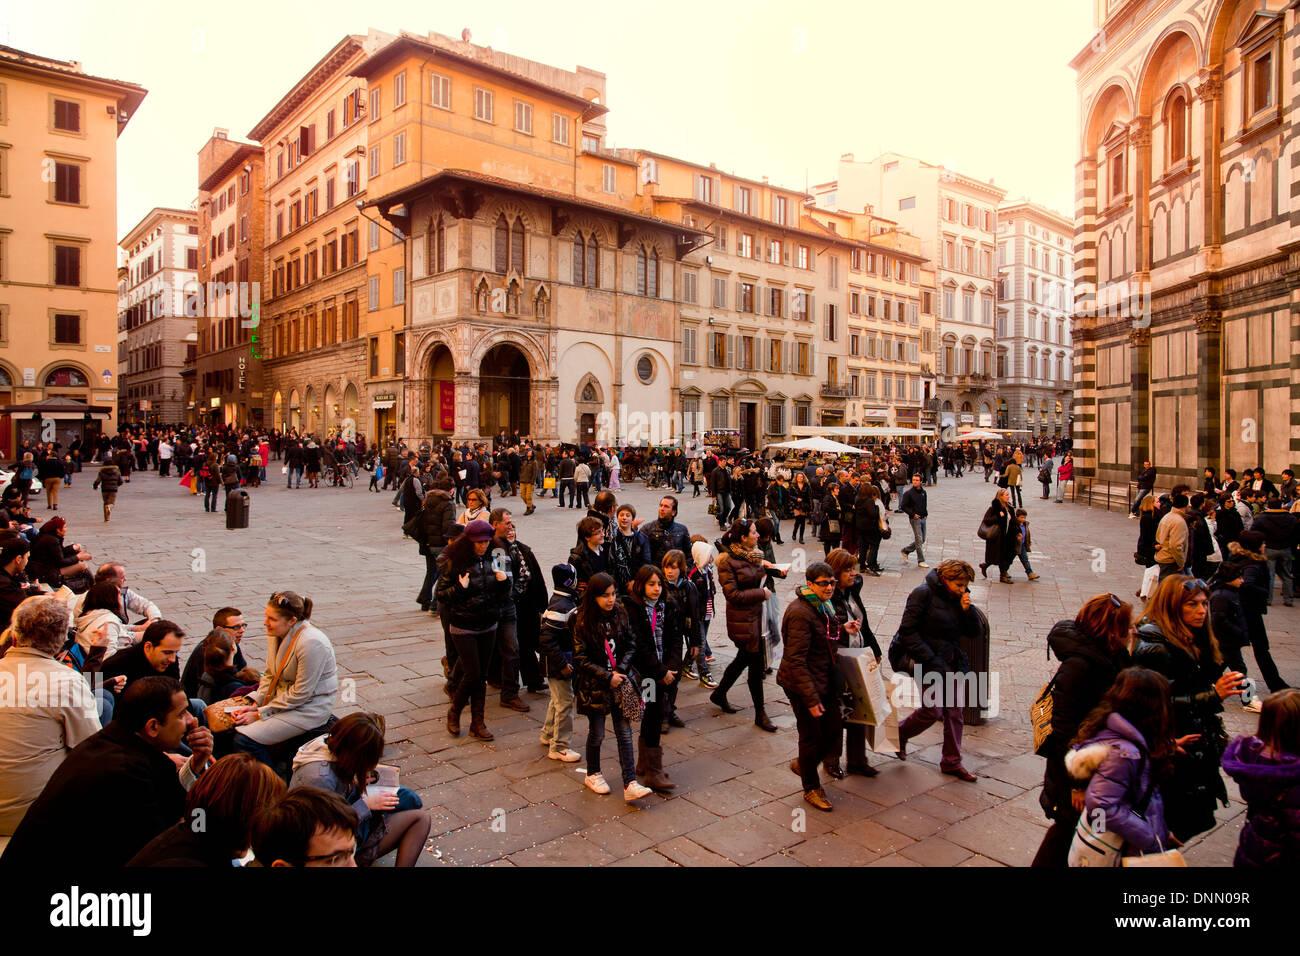 Des foules de touristes de l'après-midi à marcher derrière le Duomo, Florence, Italie Photo Stock